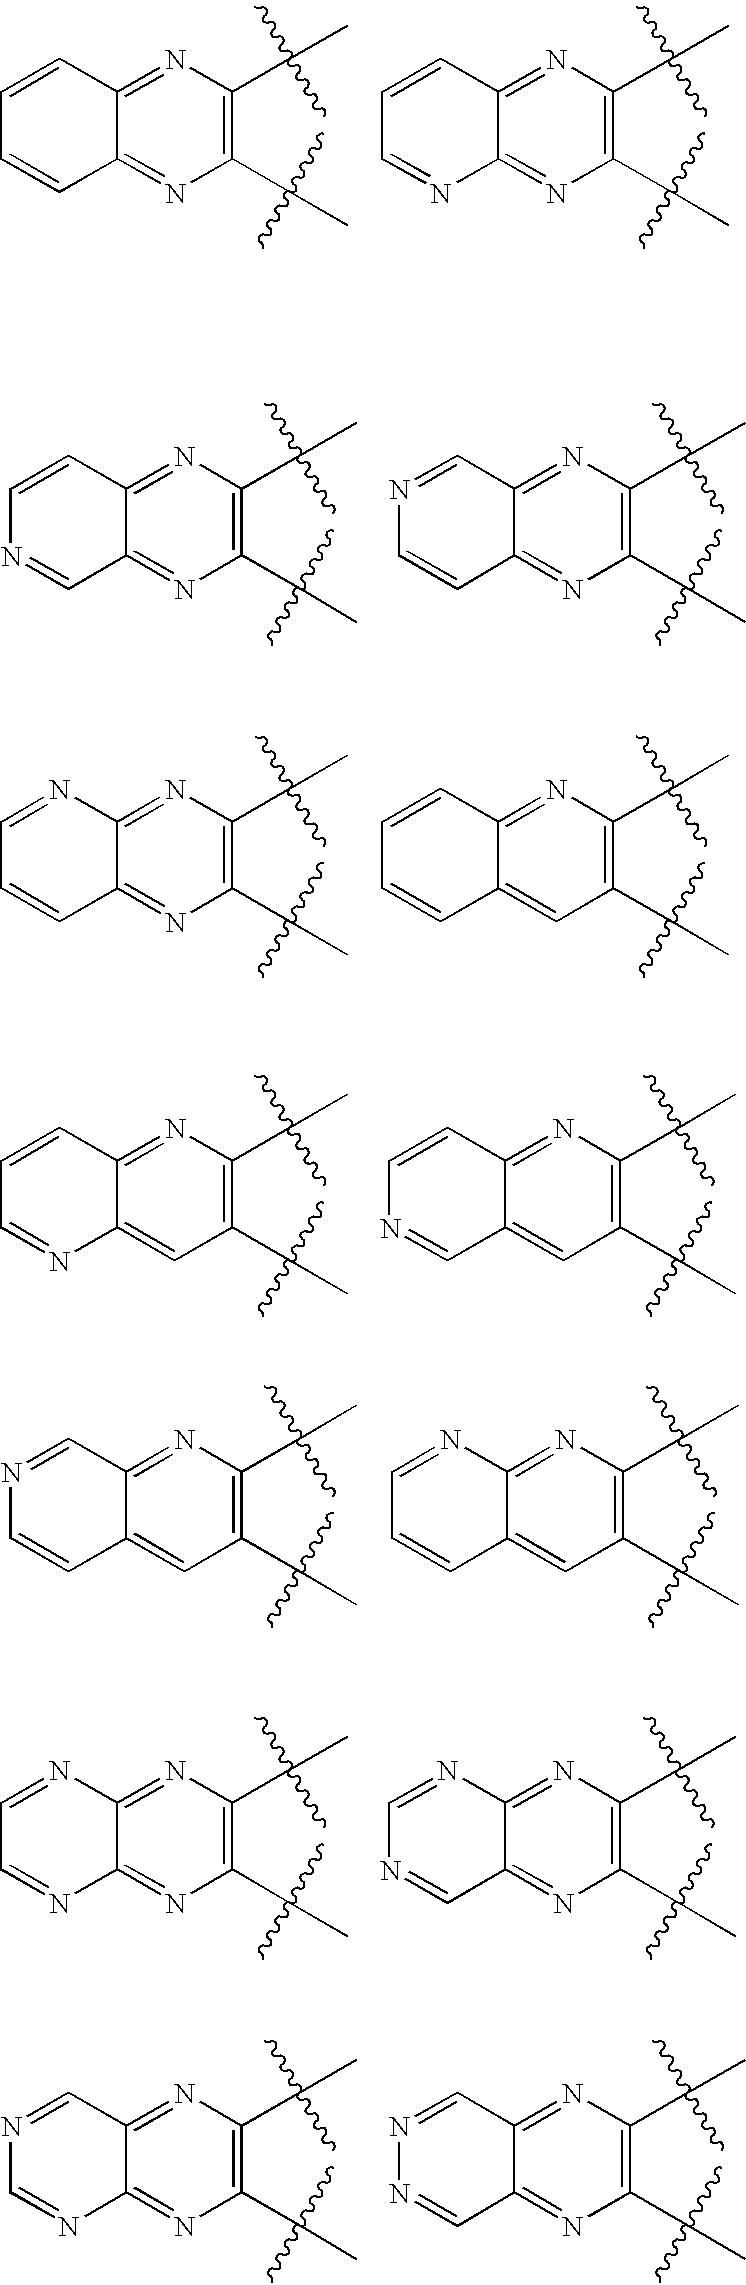 Figure US20040102360A1-20040527-C00019